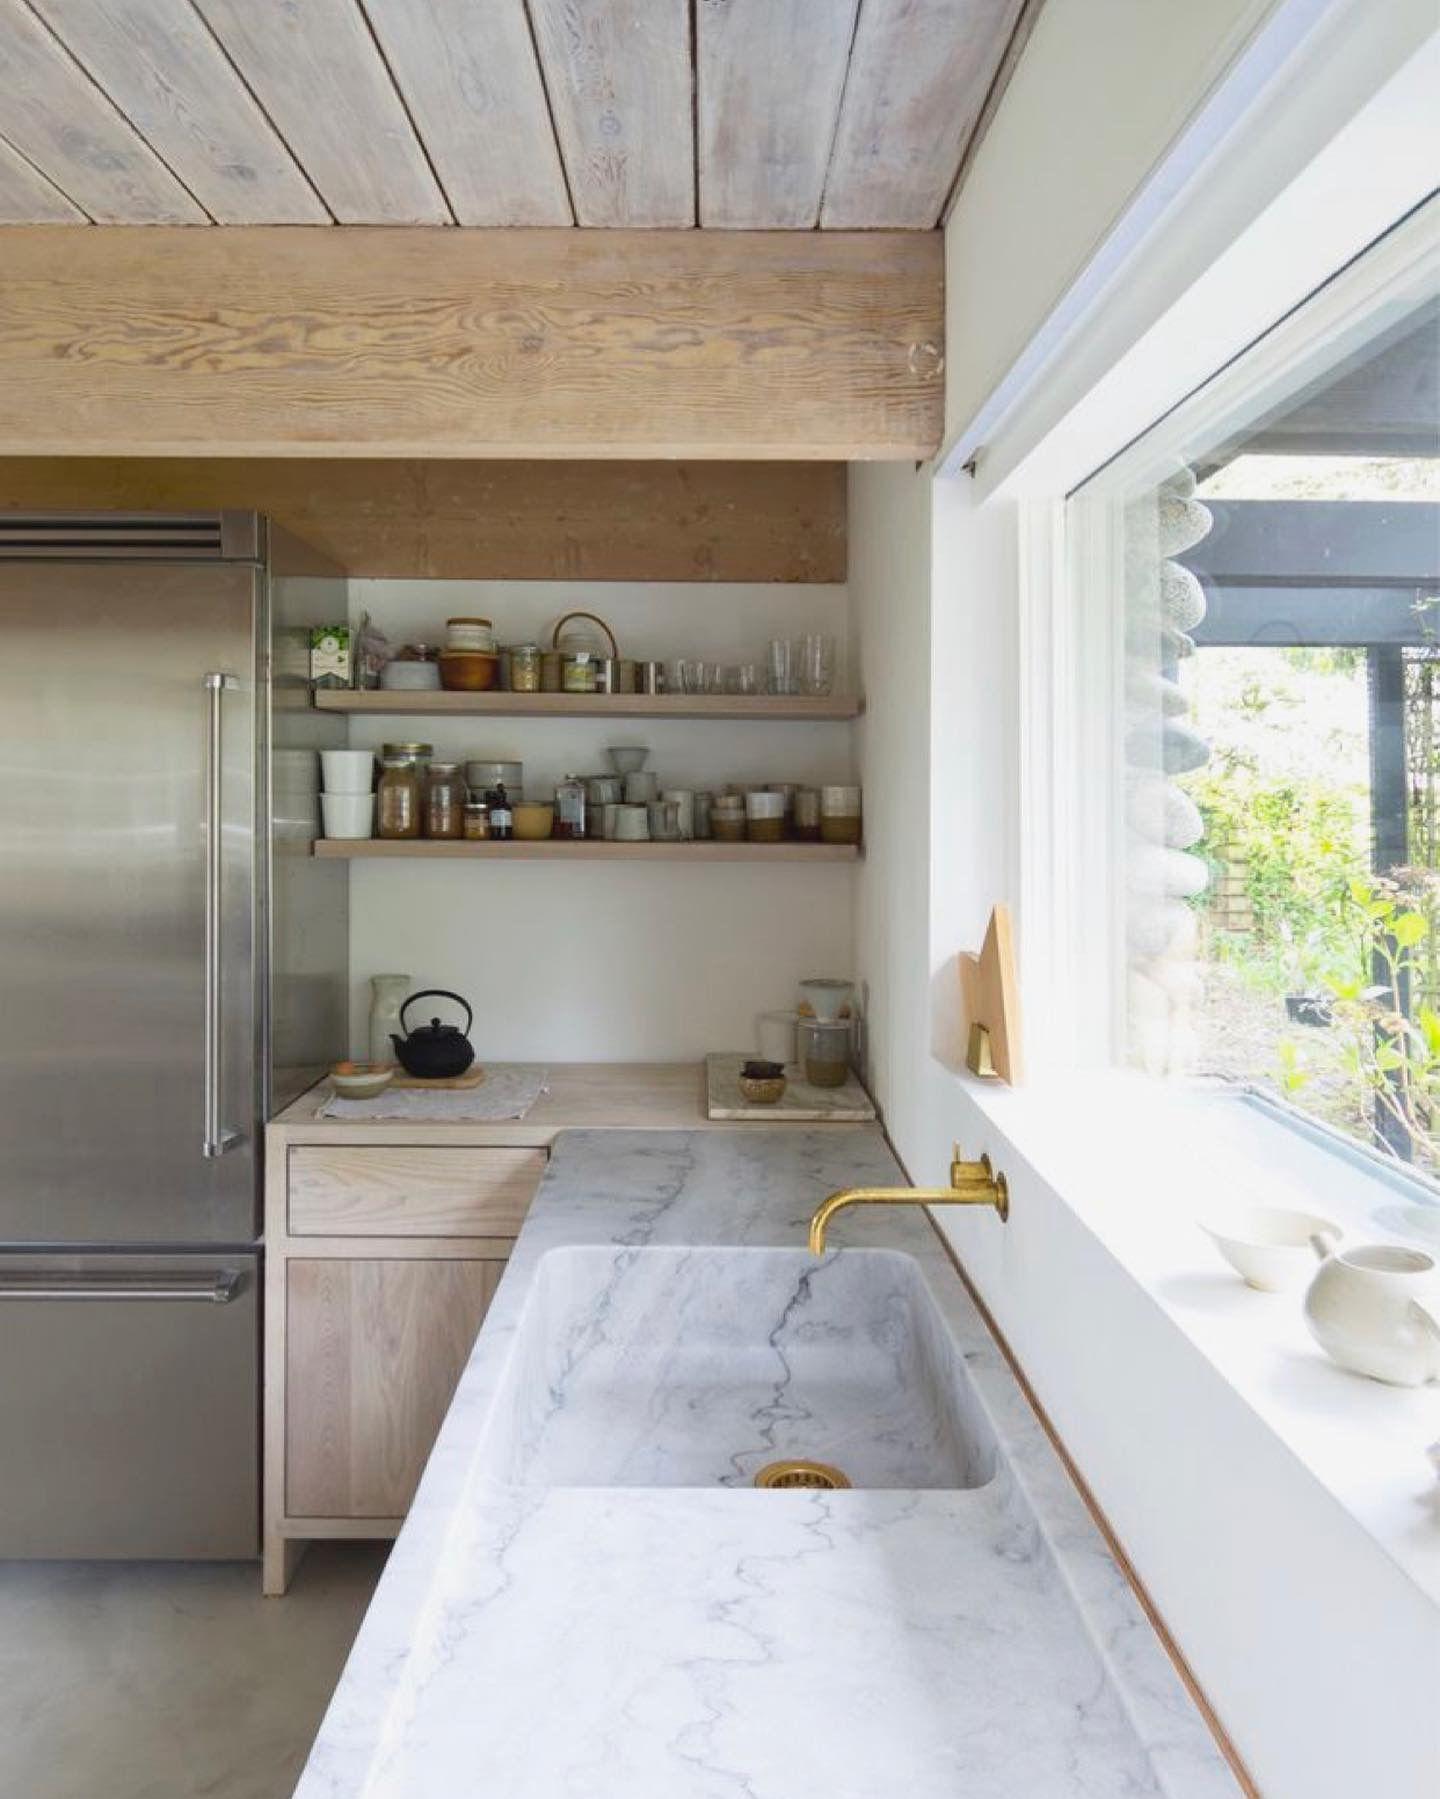 Idee Per La Cucina pin di fe be su cucina | design cucine, progetti di cucine